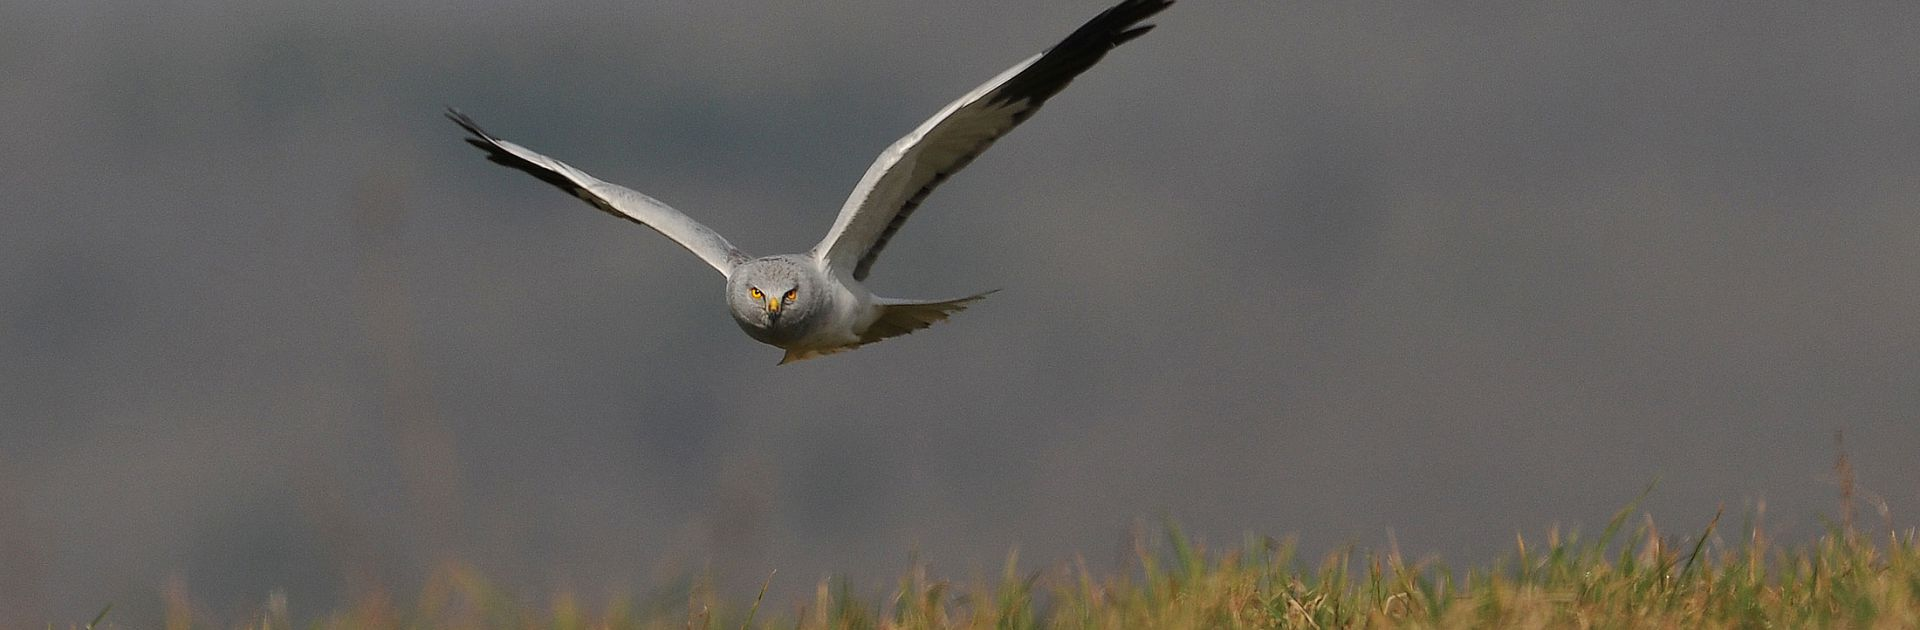 Oiseaux du Parc Naturel Régional Périgord Limousin